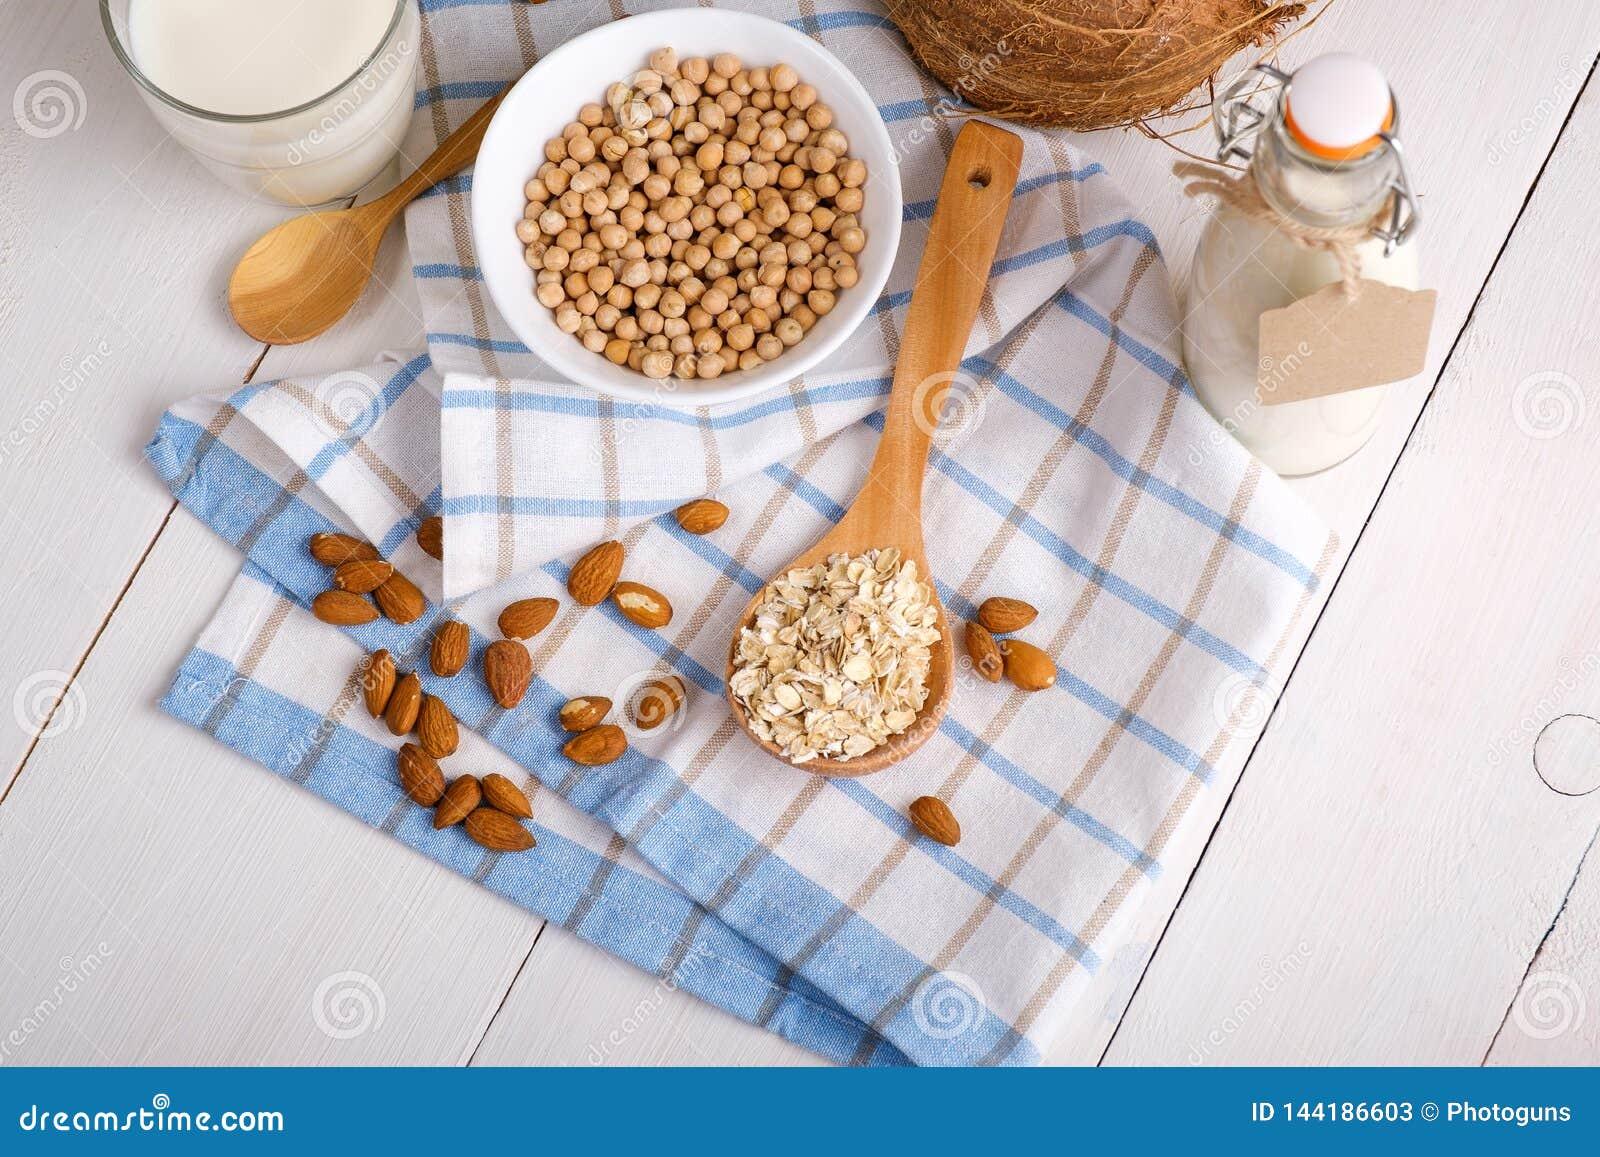 Μη γαλακτοκομικό γάλα Vegan στα συστατικά εναλλακτικών λύσεων γυαλιού και γάλακτος όπως ένα καρύδι, αμύγδαλο, σόγια, βρώμη στον ά